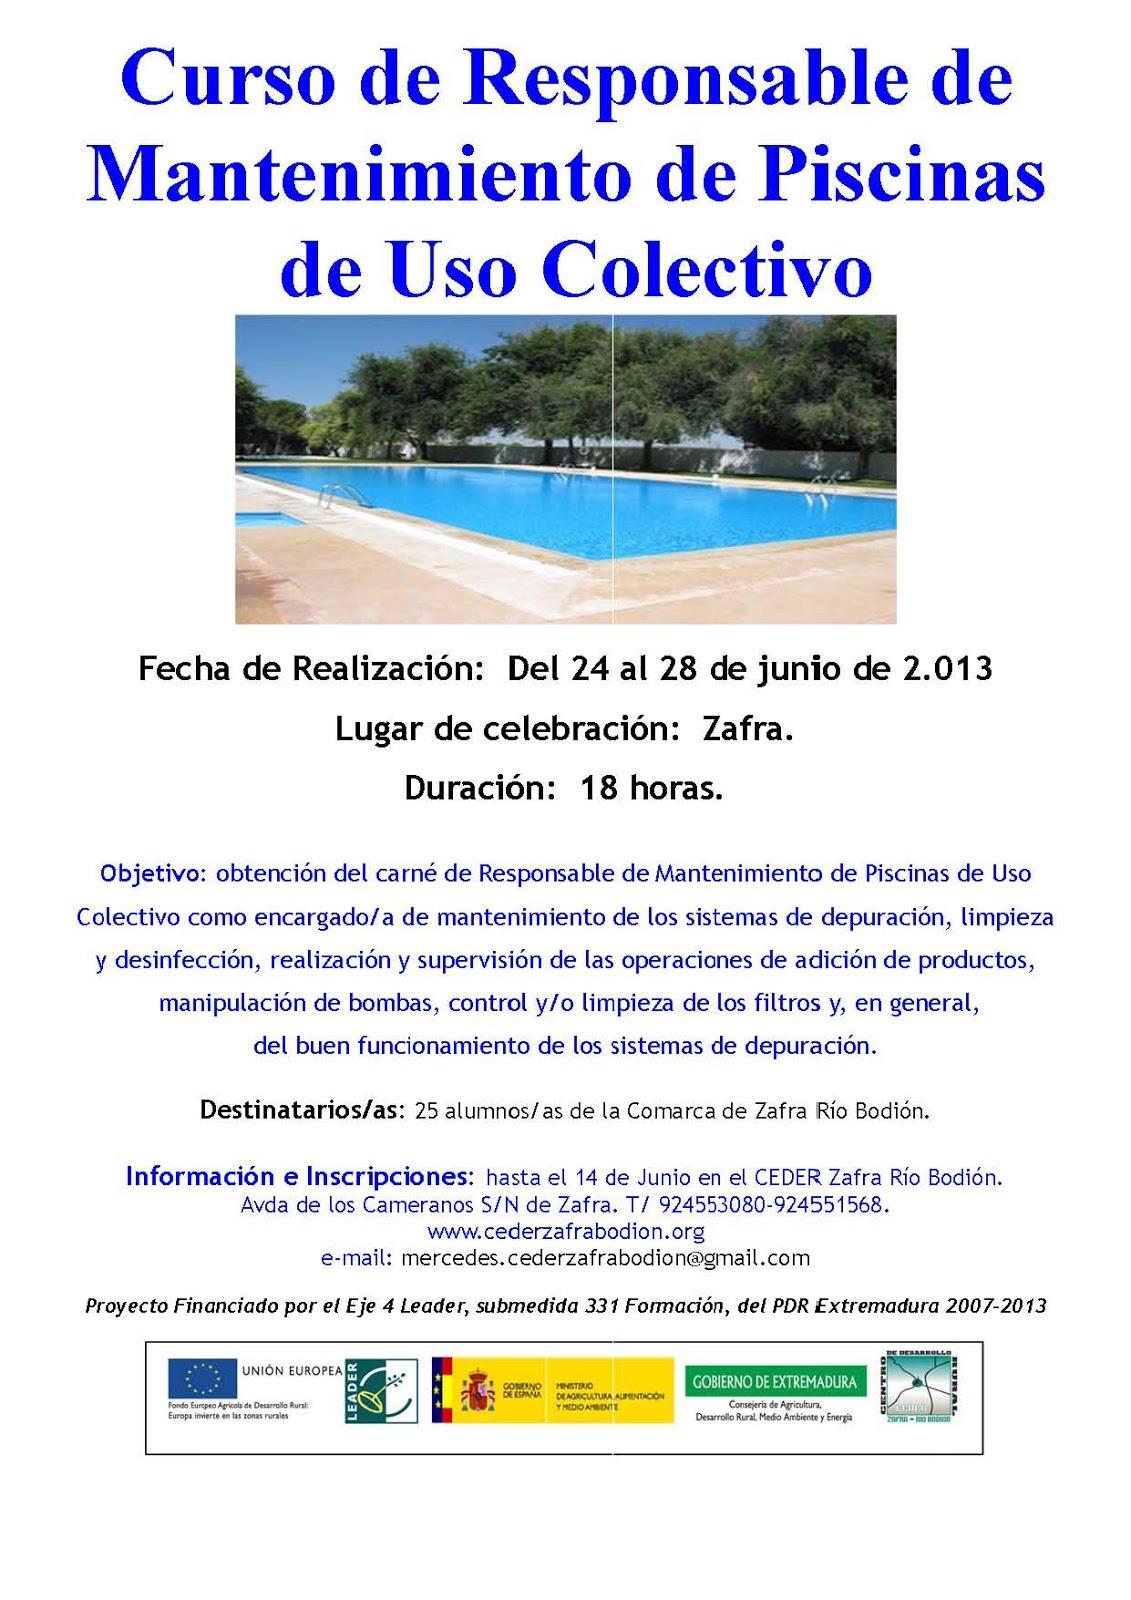 Zafra ciudad deportiva cursos del mbito deportivo for Curso mantenimiento piscinas